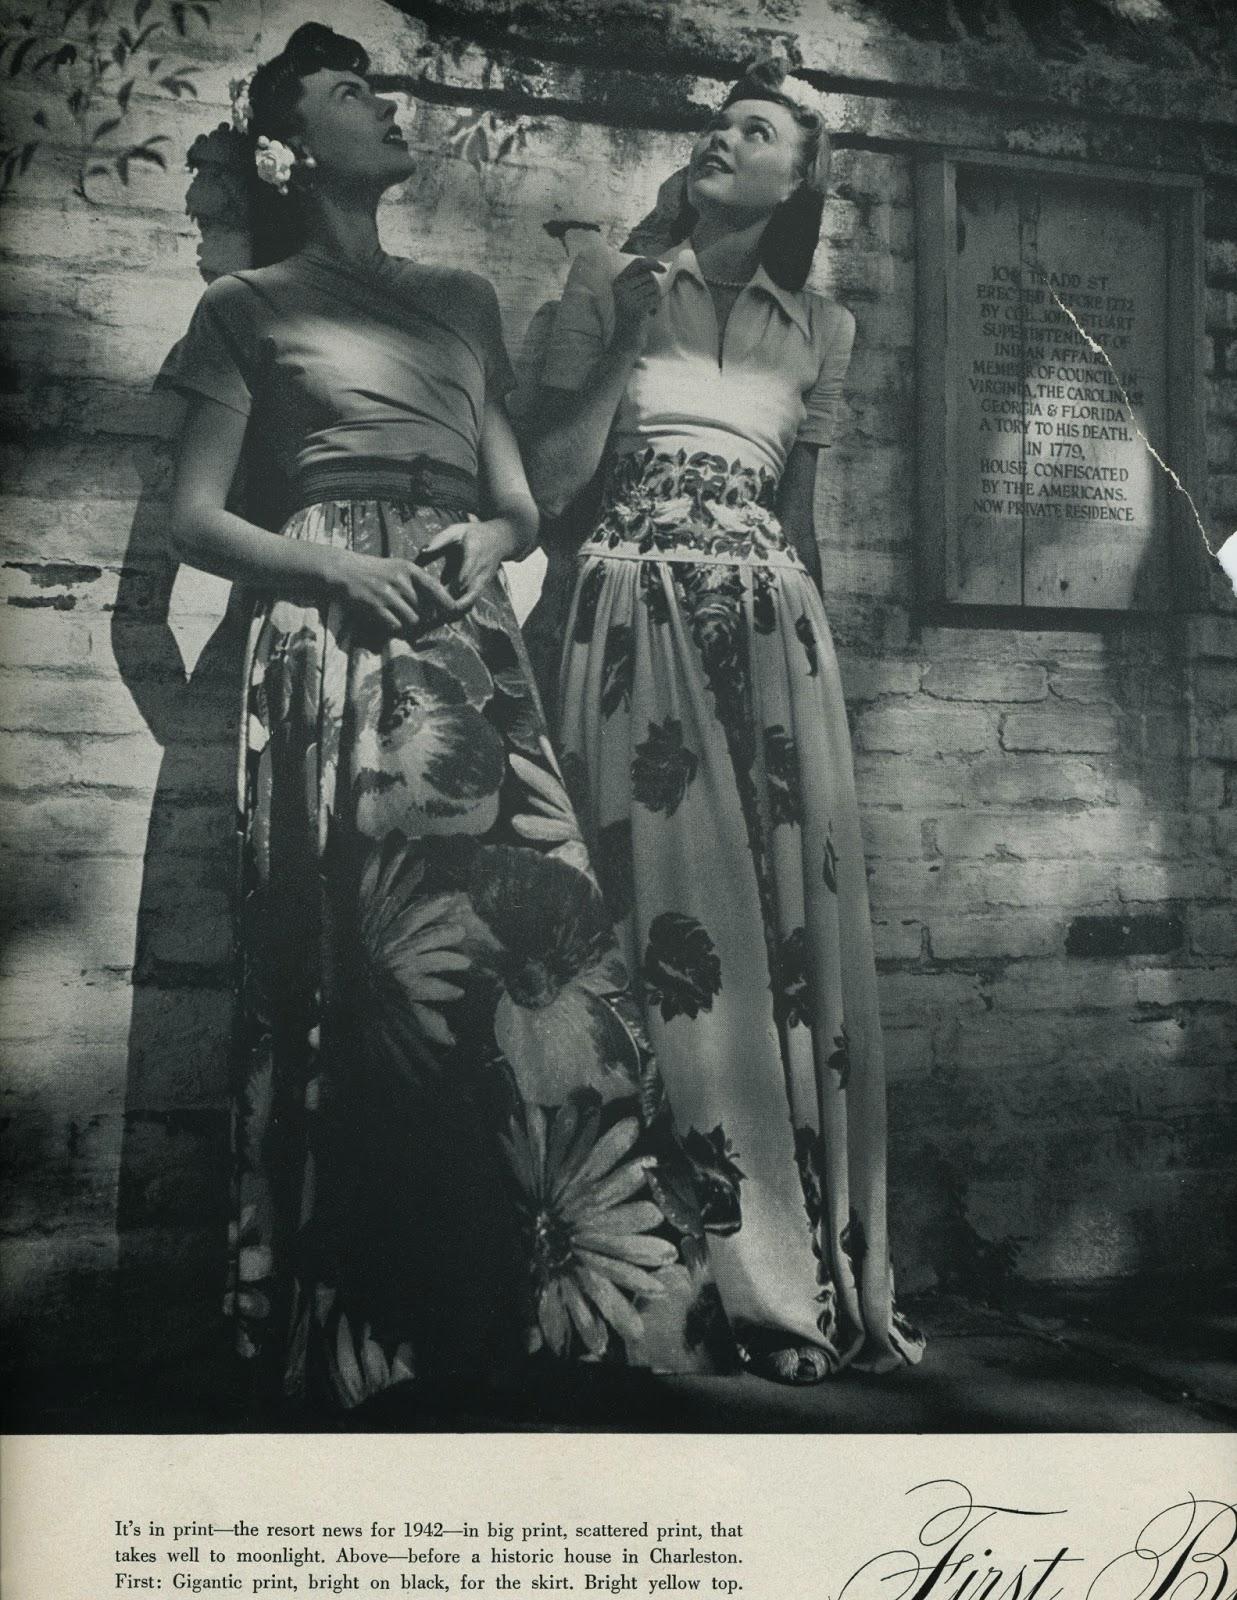 Long 1930s dress vs skirt